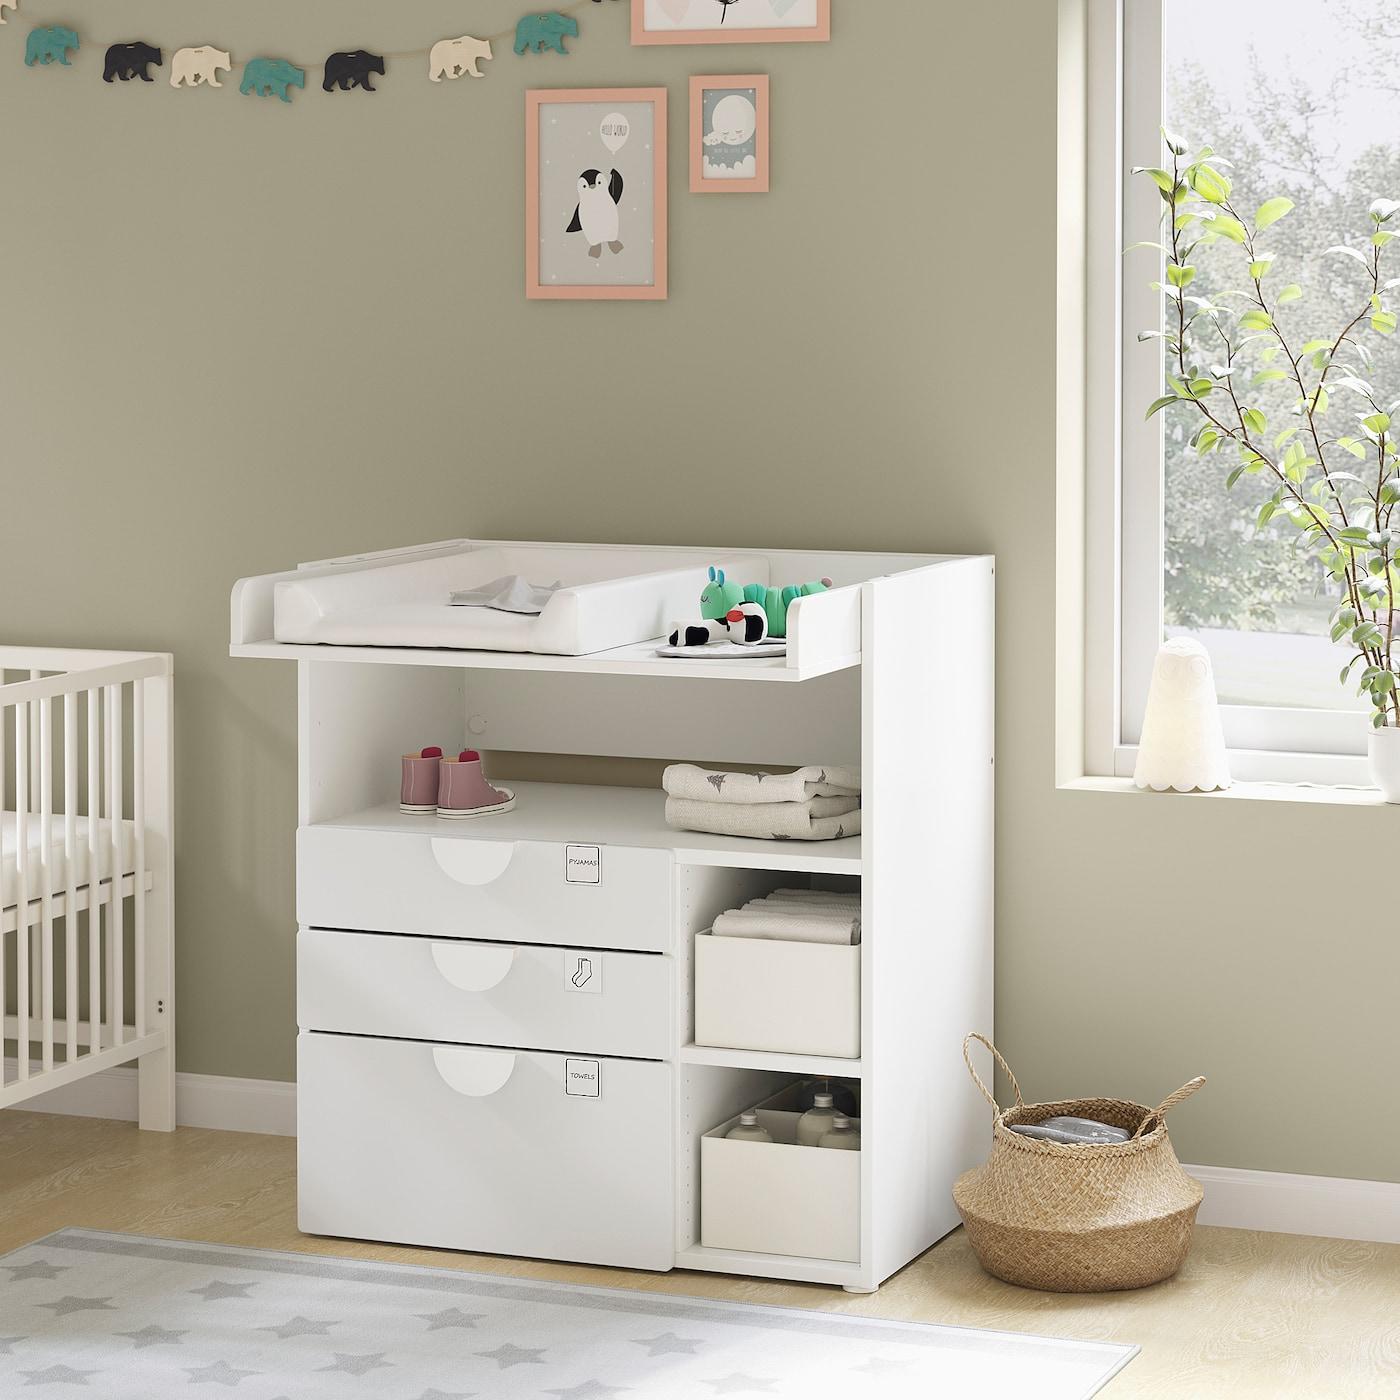 SMÅSTAD Wickeltisch, weiß weiß/3 Schubladen, 90x79x100 cm